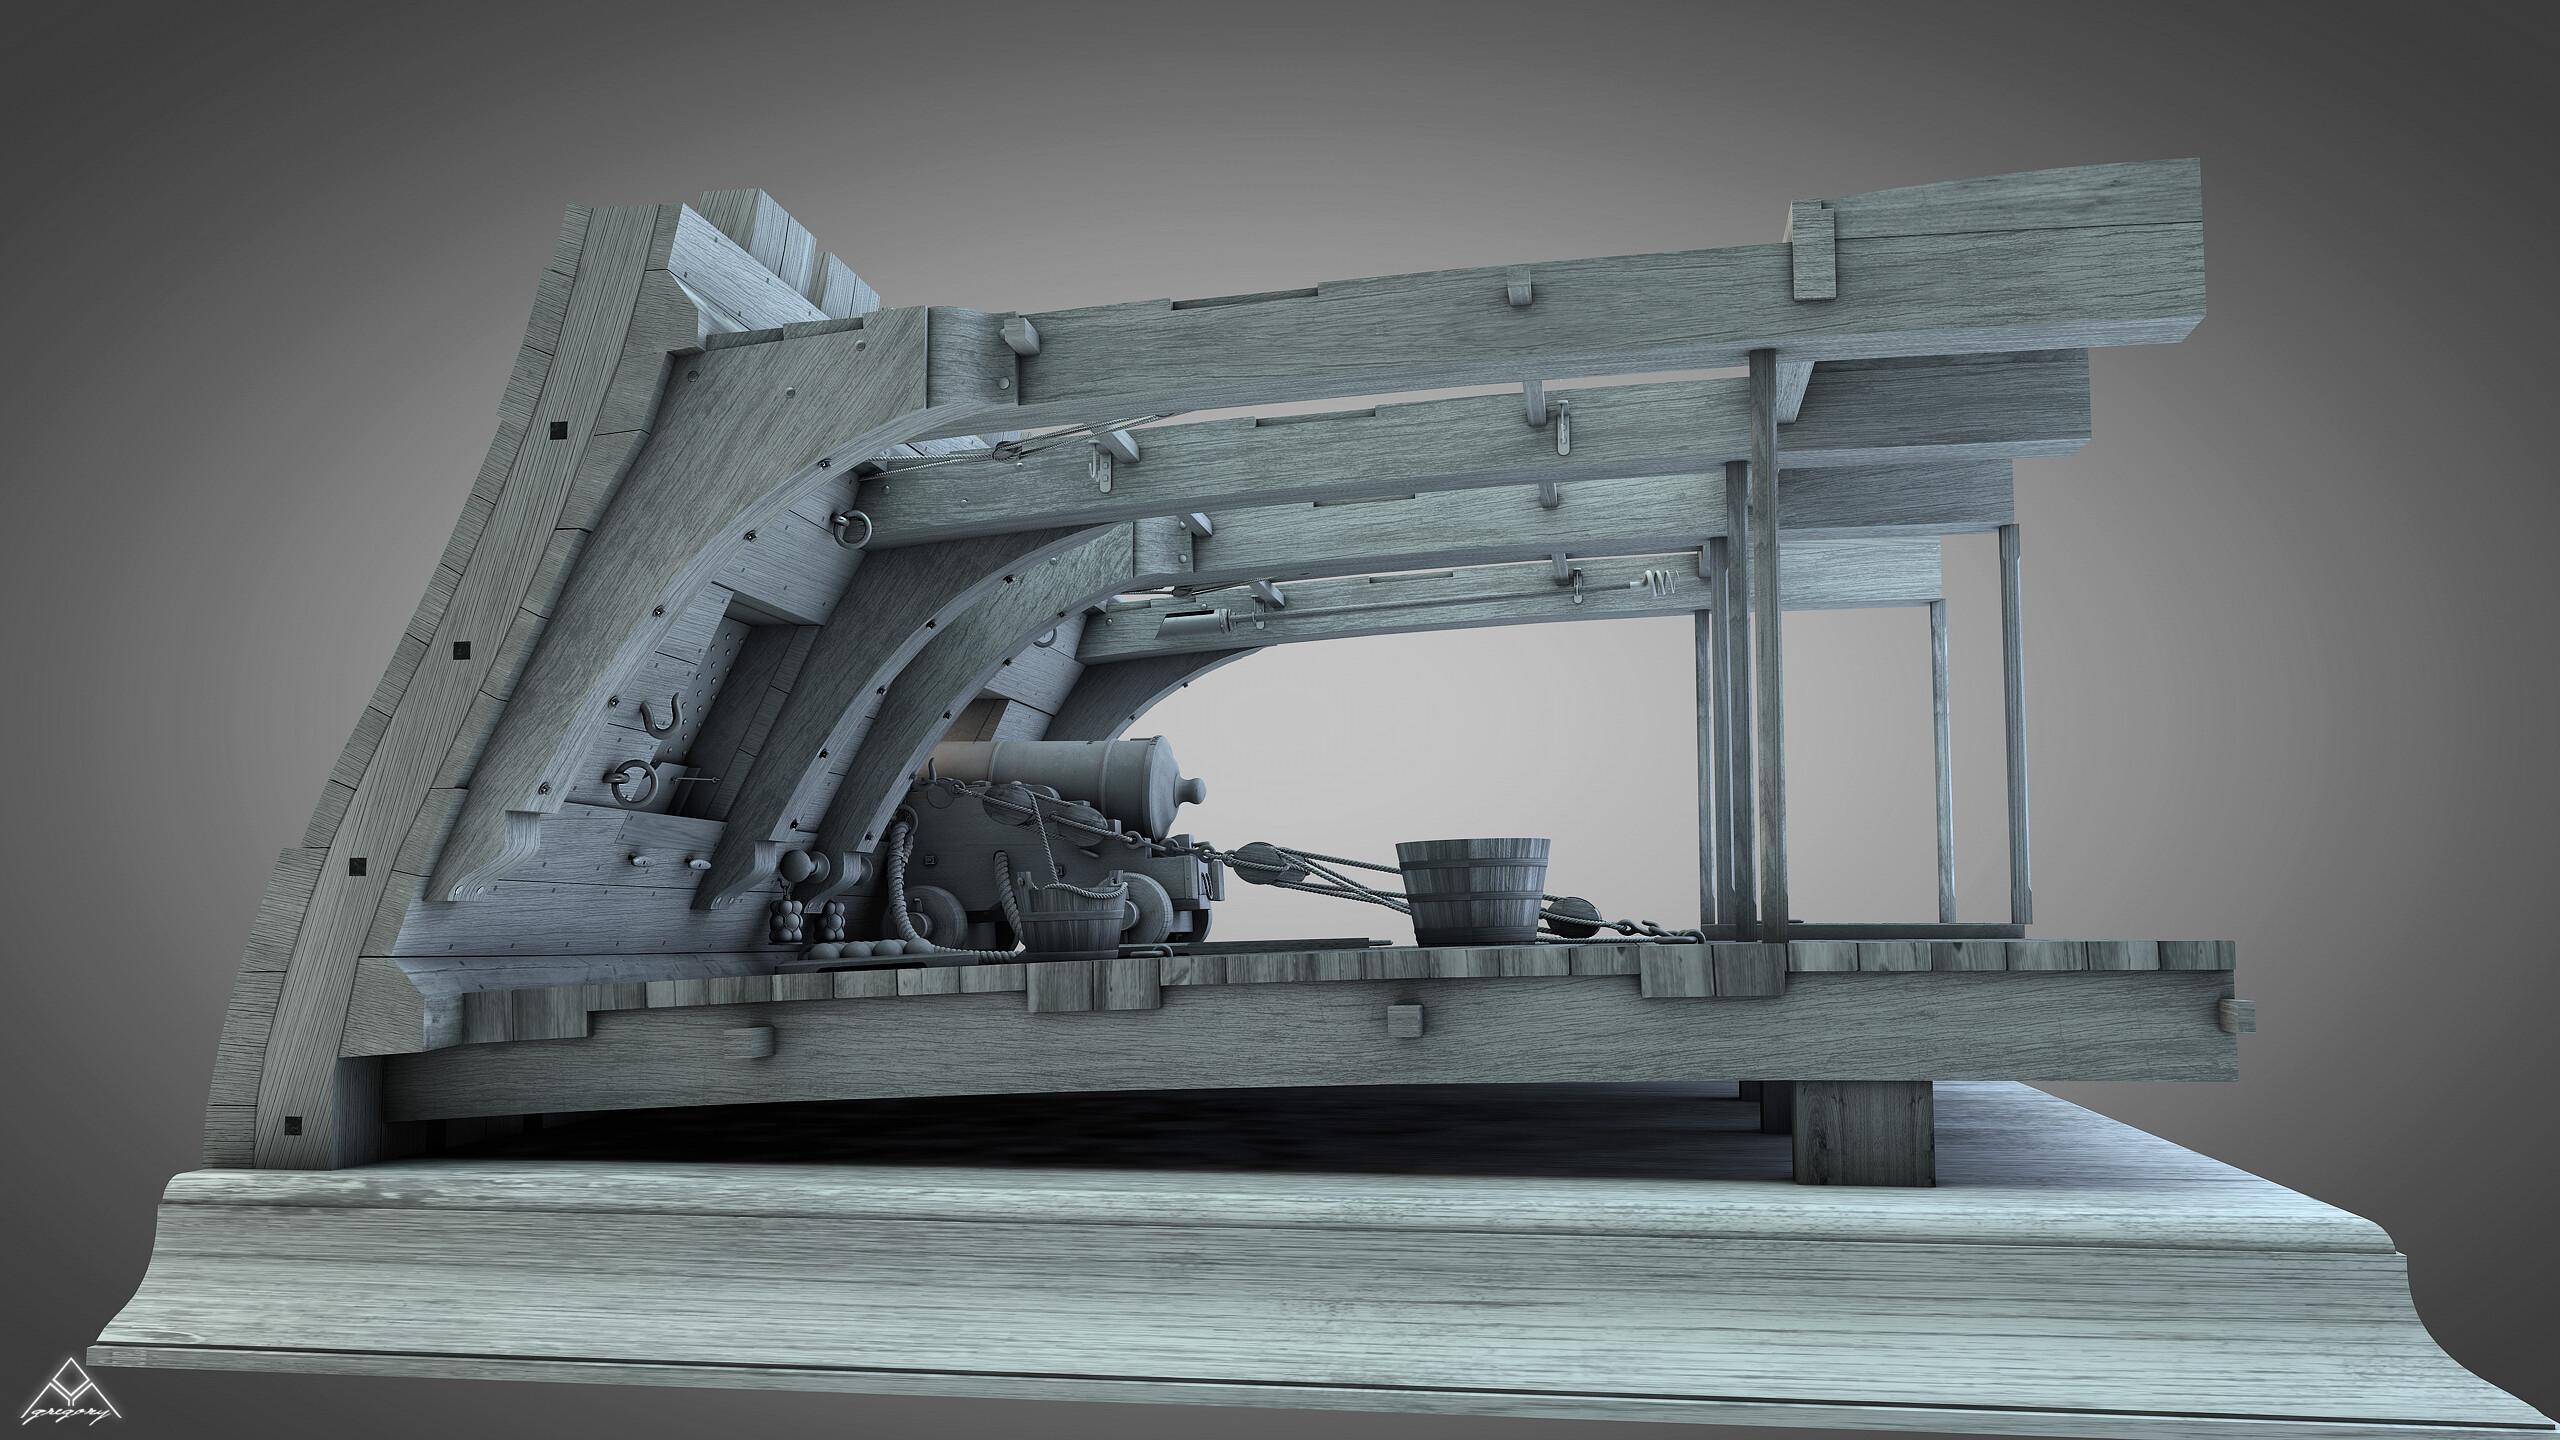 Canons de vaisseau 74 canons (Création 3D) par Greg_3D - Page 9 Gregor53